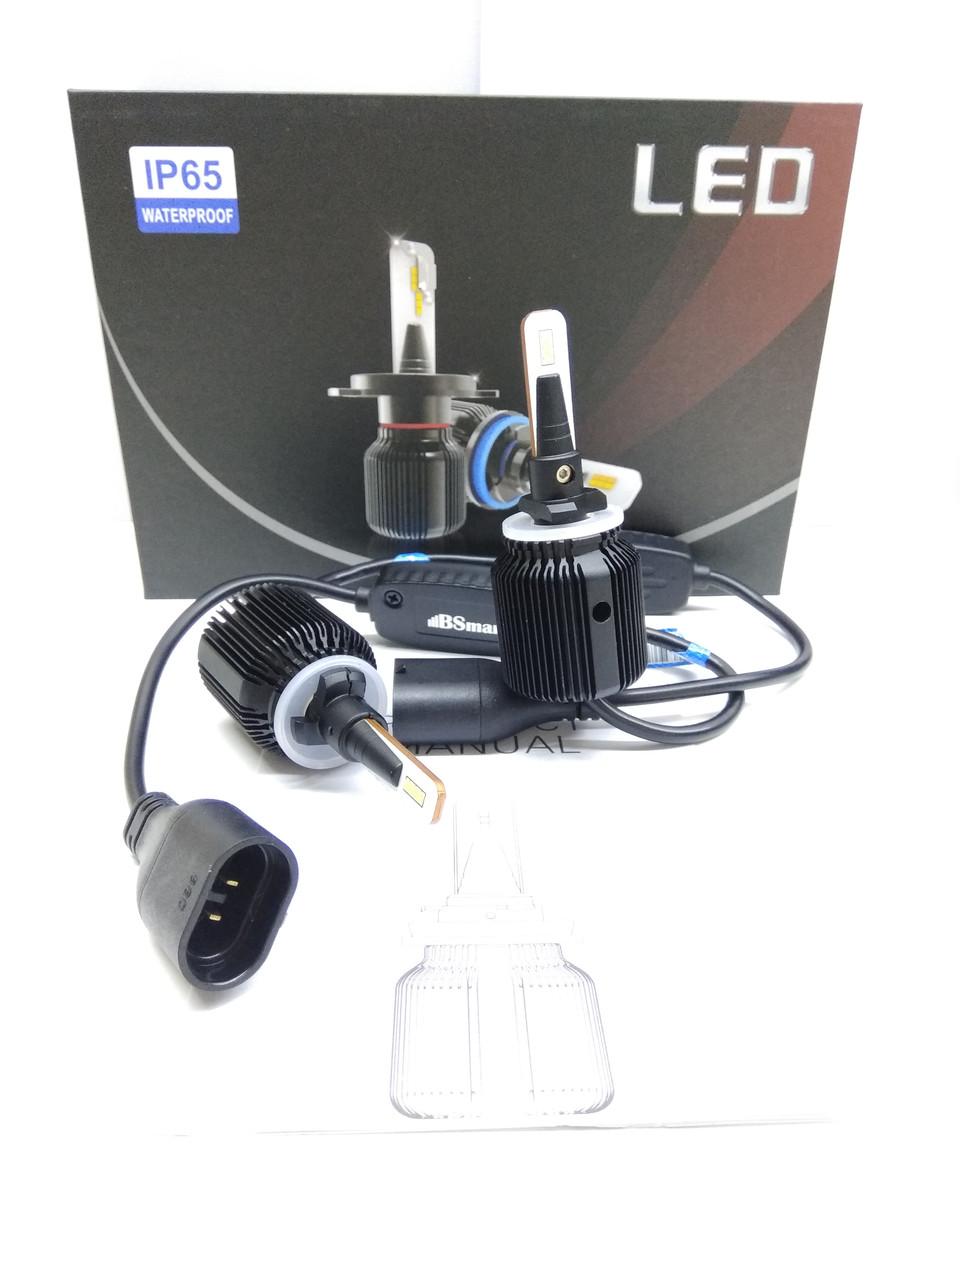 LED светодиодные авто лампы M1 CSP Южная Корея, H27 880, 8000 Люмен, 40Вт, 9-32В